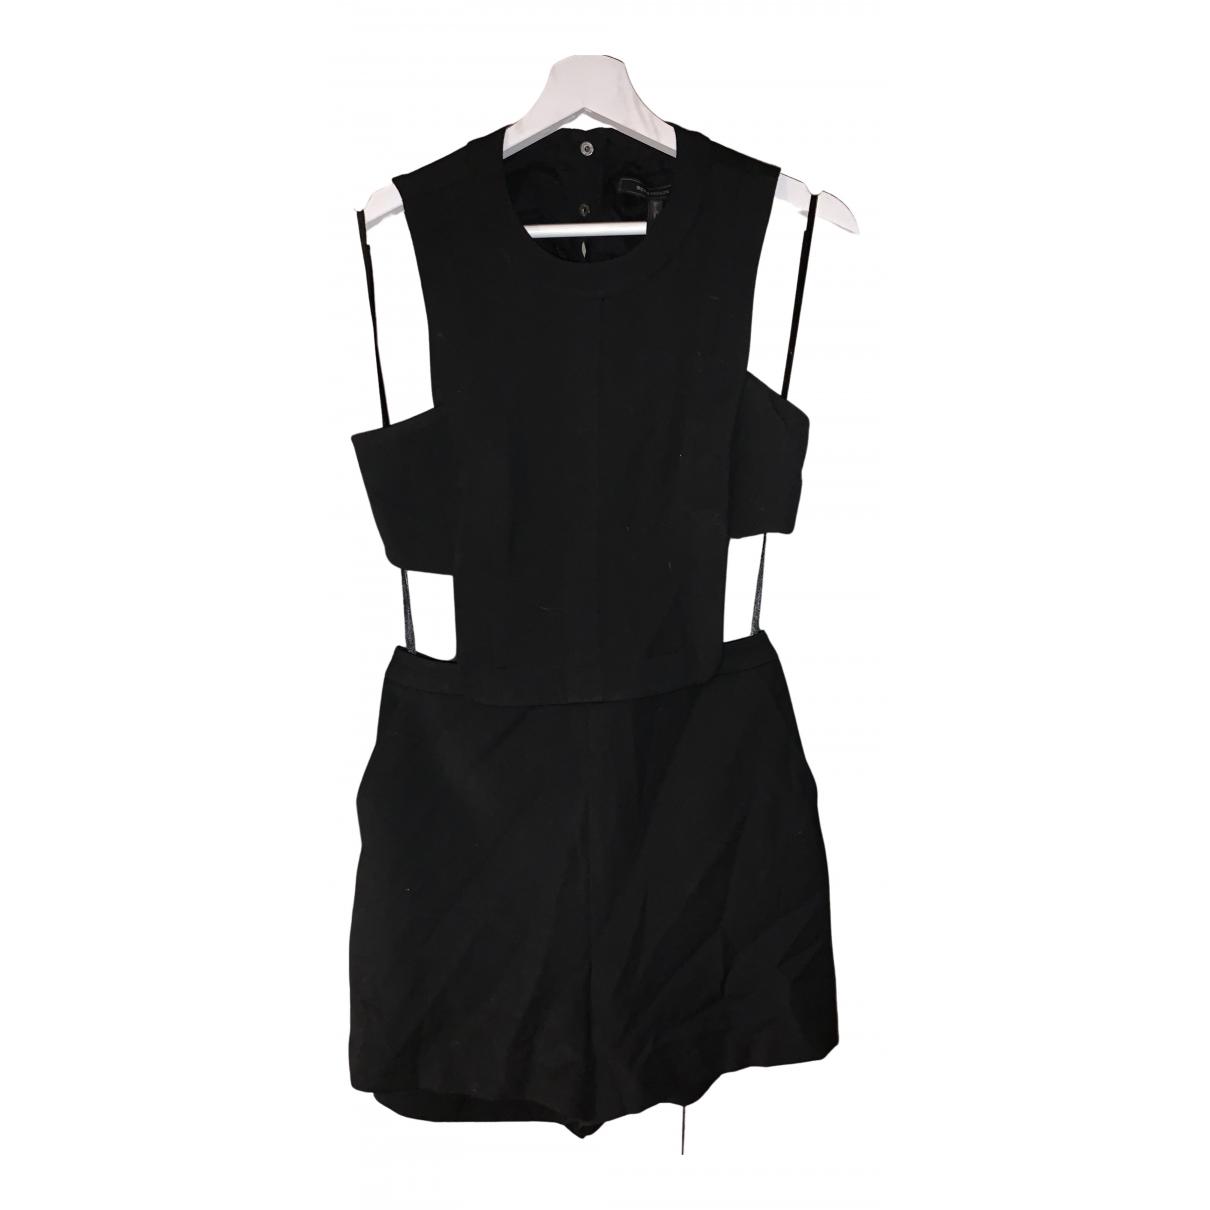 Bcbg Max Azria - Combinaison   pour femme en coton - noir